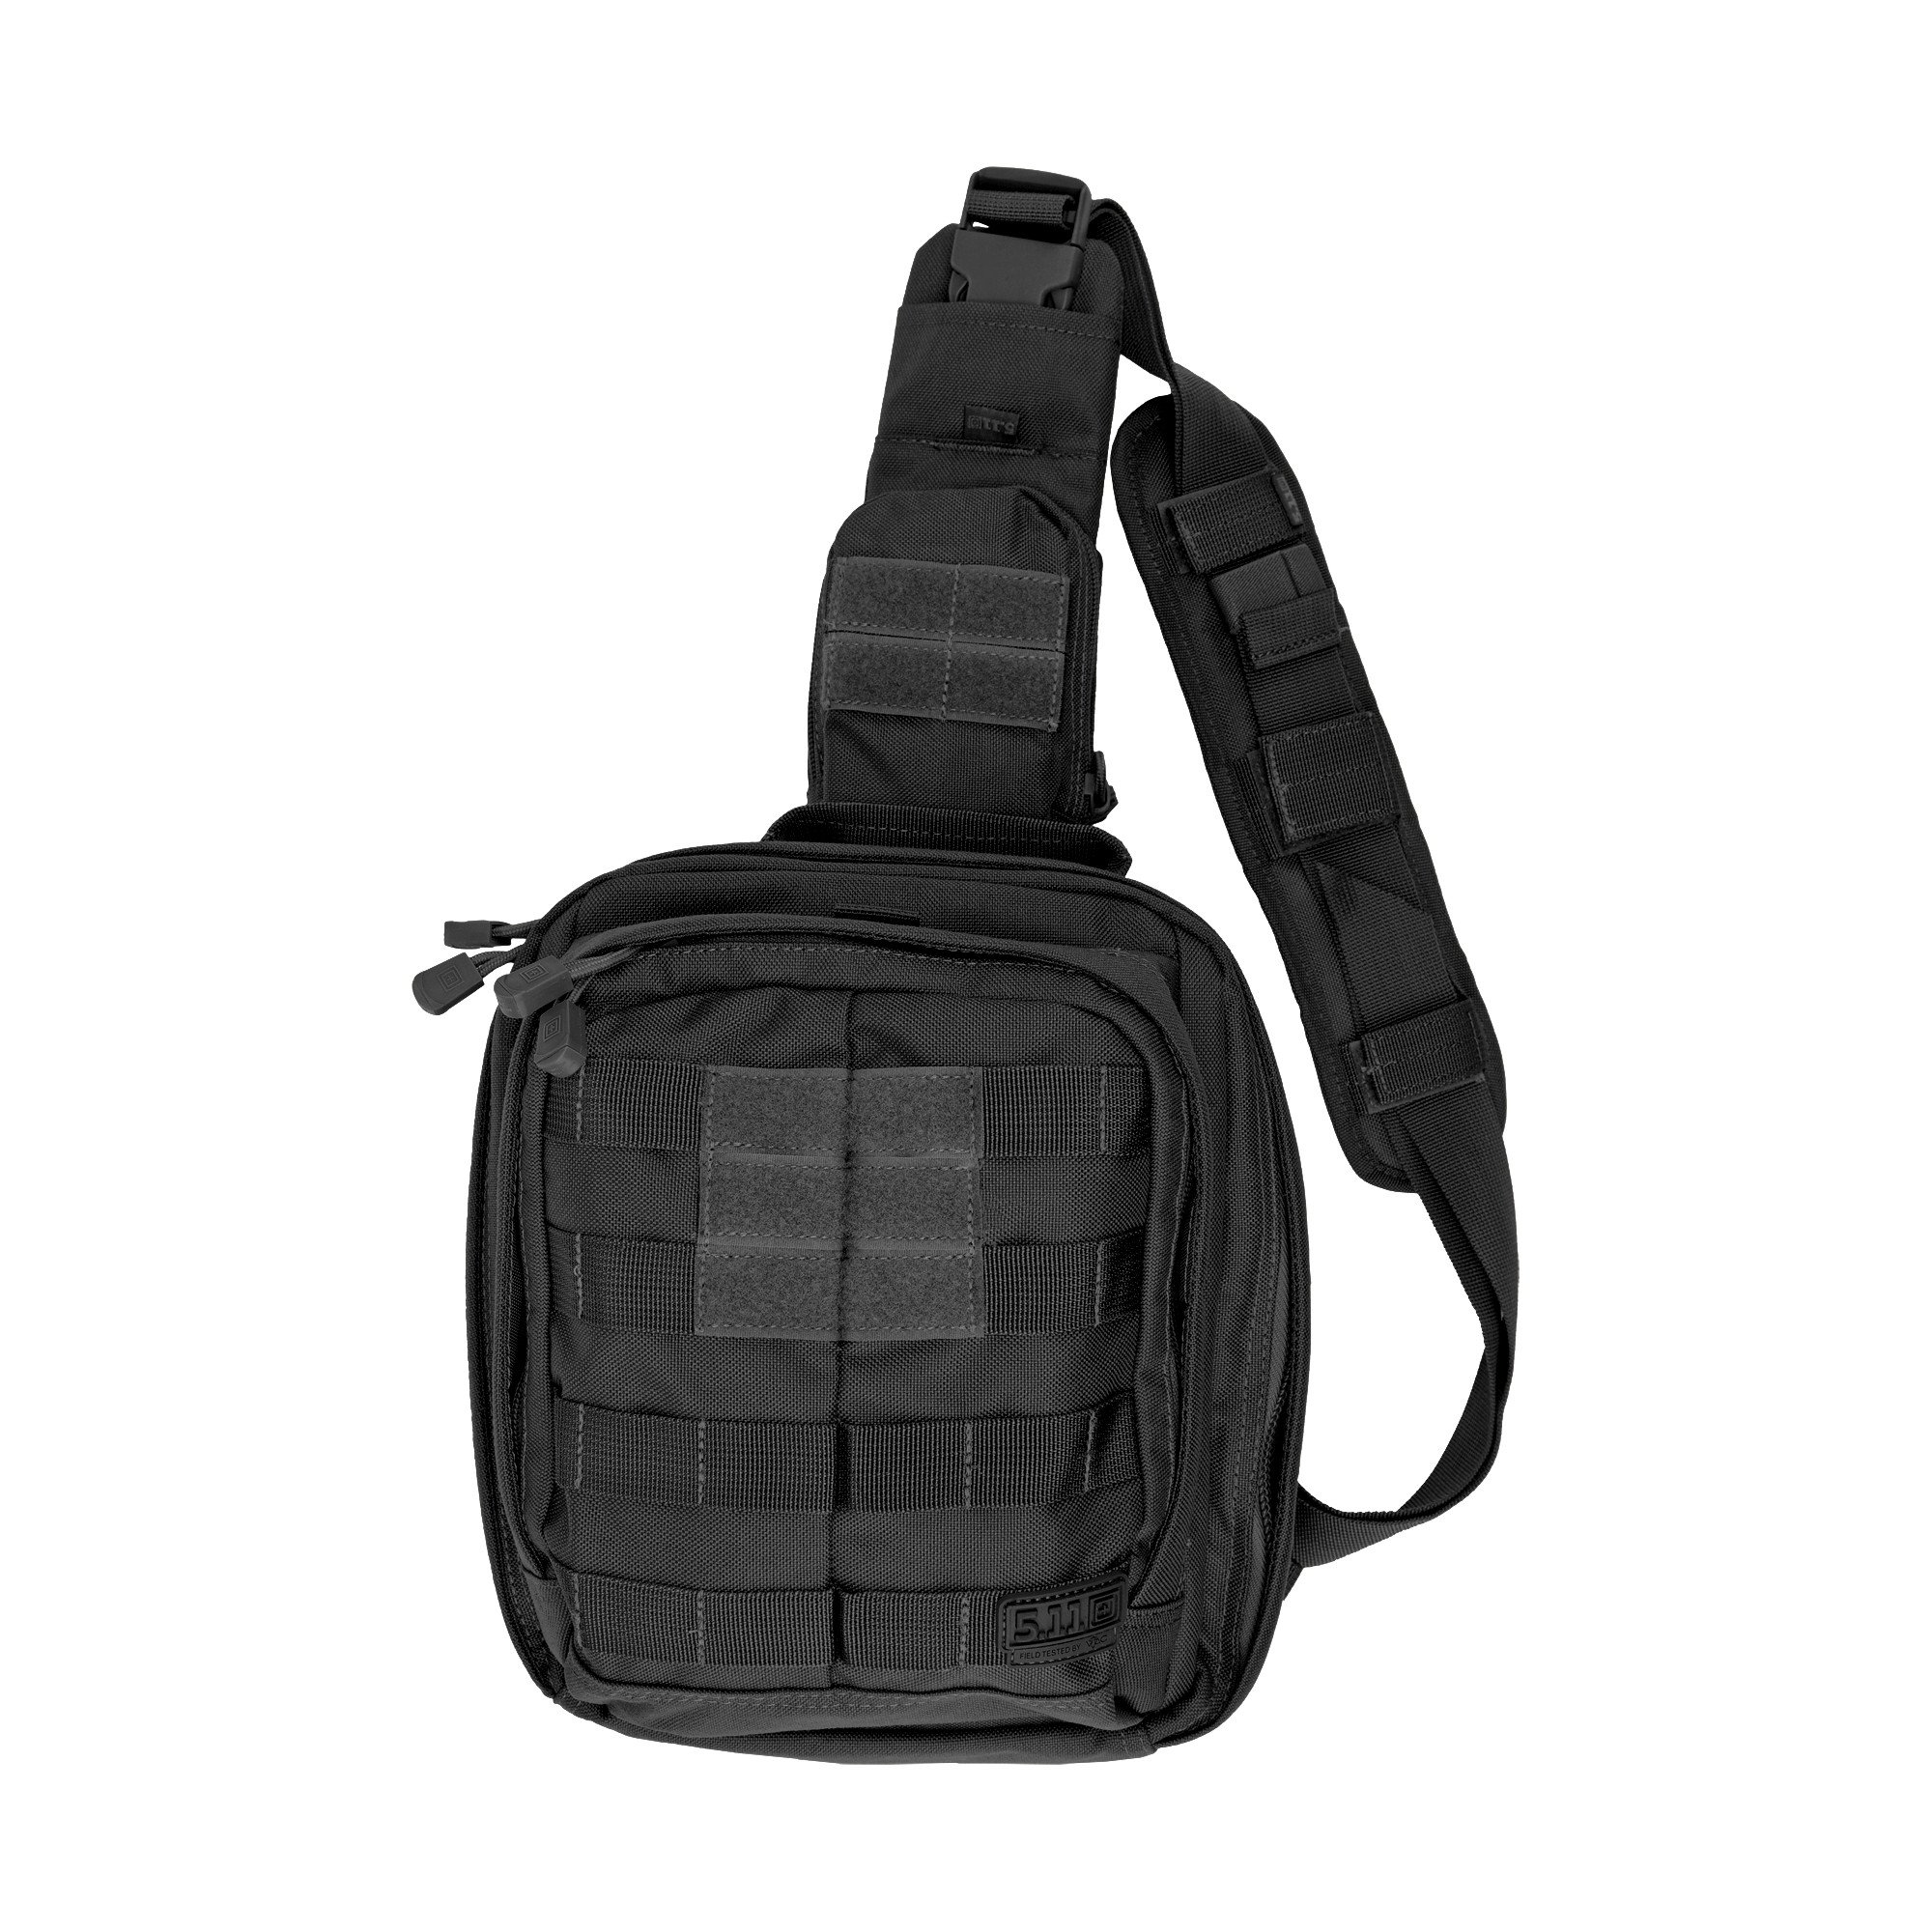 Balo 5.11 Tactical Rush Moab 6 – Black